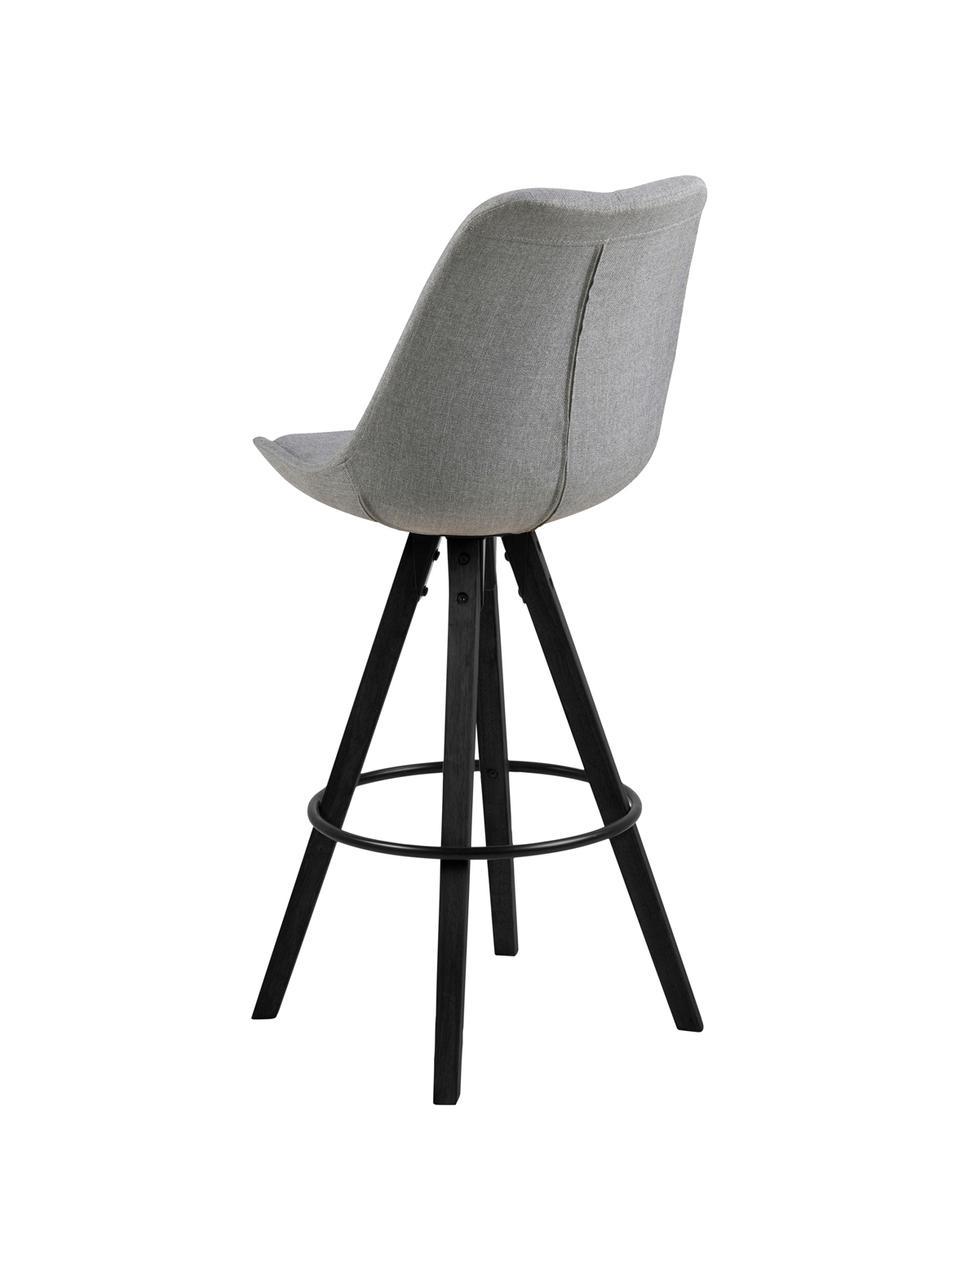 Barstühle Dima in Grau, 2 Stück, Bezug: Polyester 25.000 Scheuert, Beine: Gummibaumholz, lackiert, Hellgrau, 49 x 112 cm